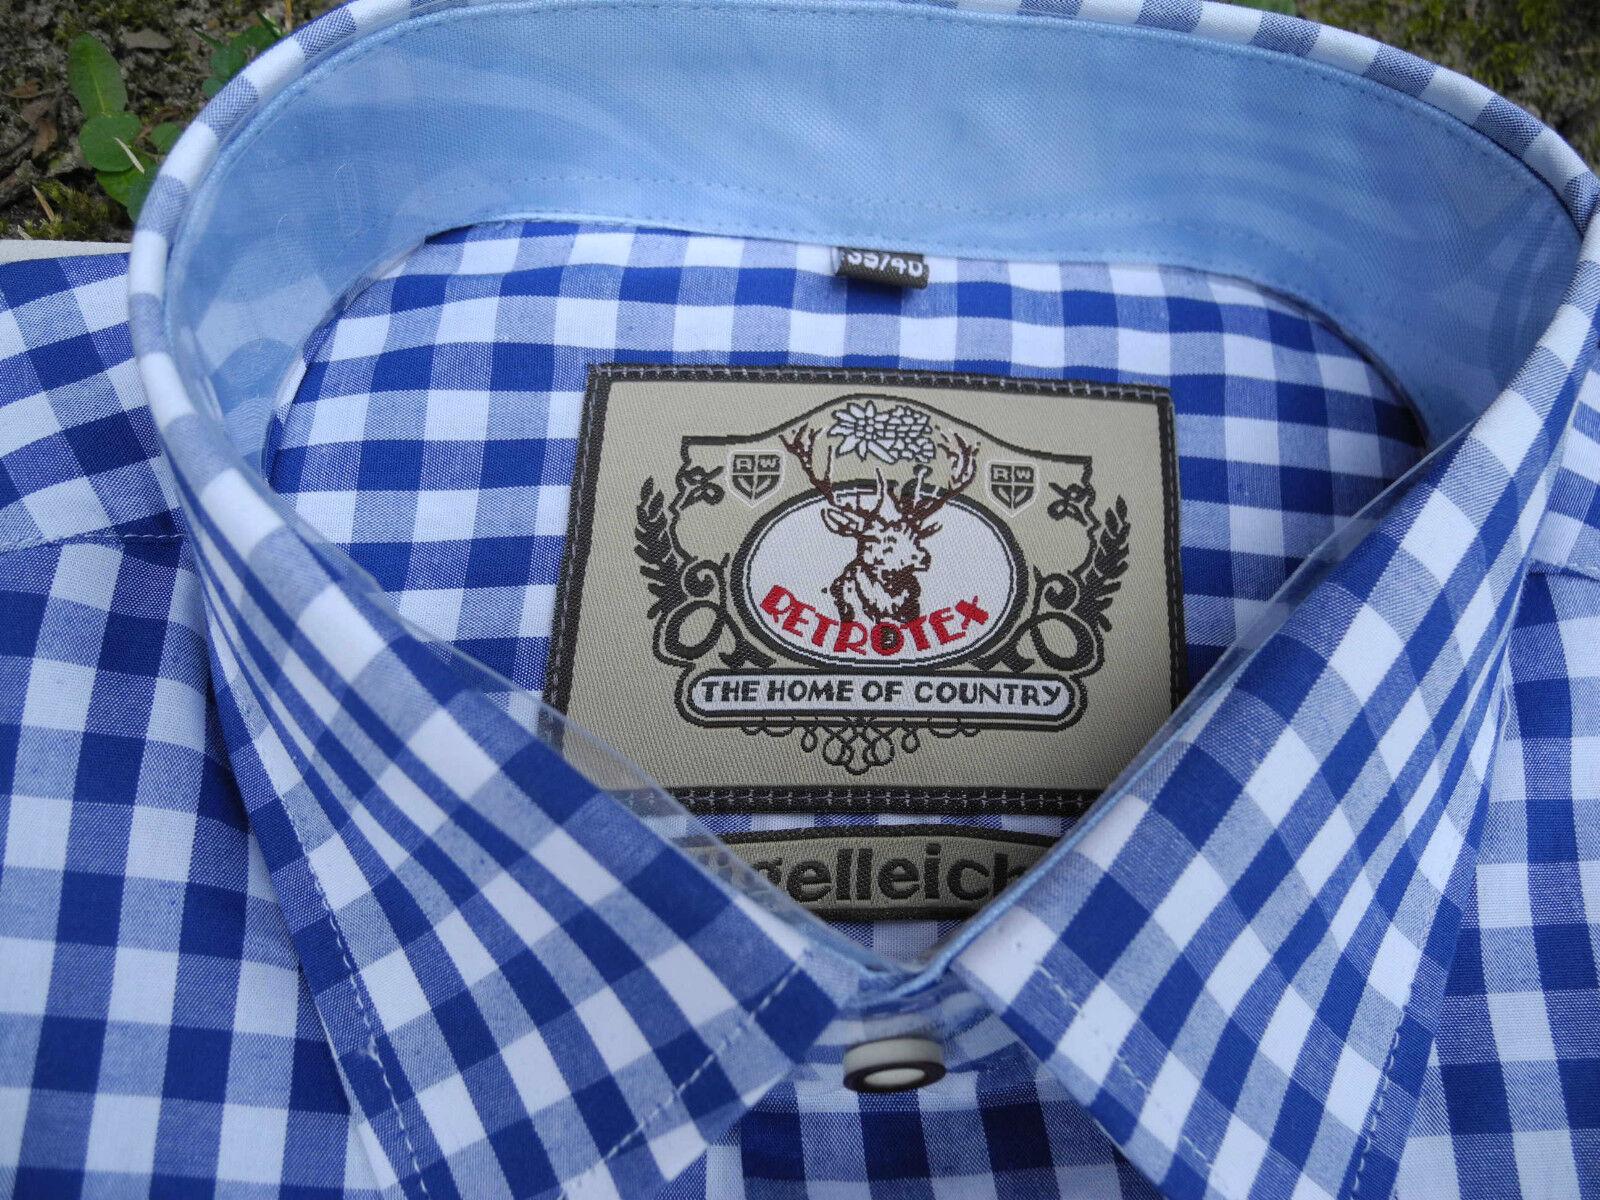 4tlg  Set Trachten Lederhose Baumwoll Hemd Hemd Hemd in blau weiss Kniestrümpfe Neu | Wunderbar  | Kaufen Sie online  | Räumungsverkauf  | Shopping Online  | Modern  b3ded5